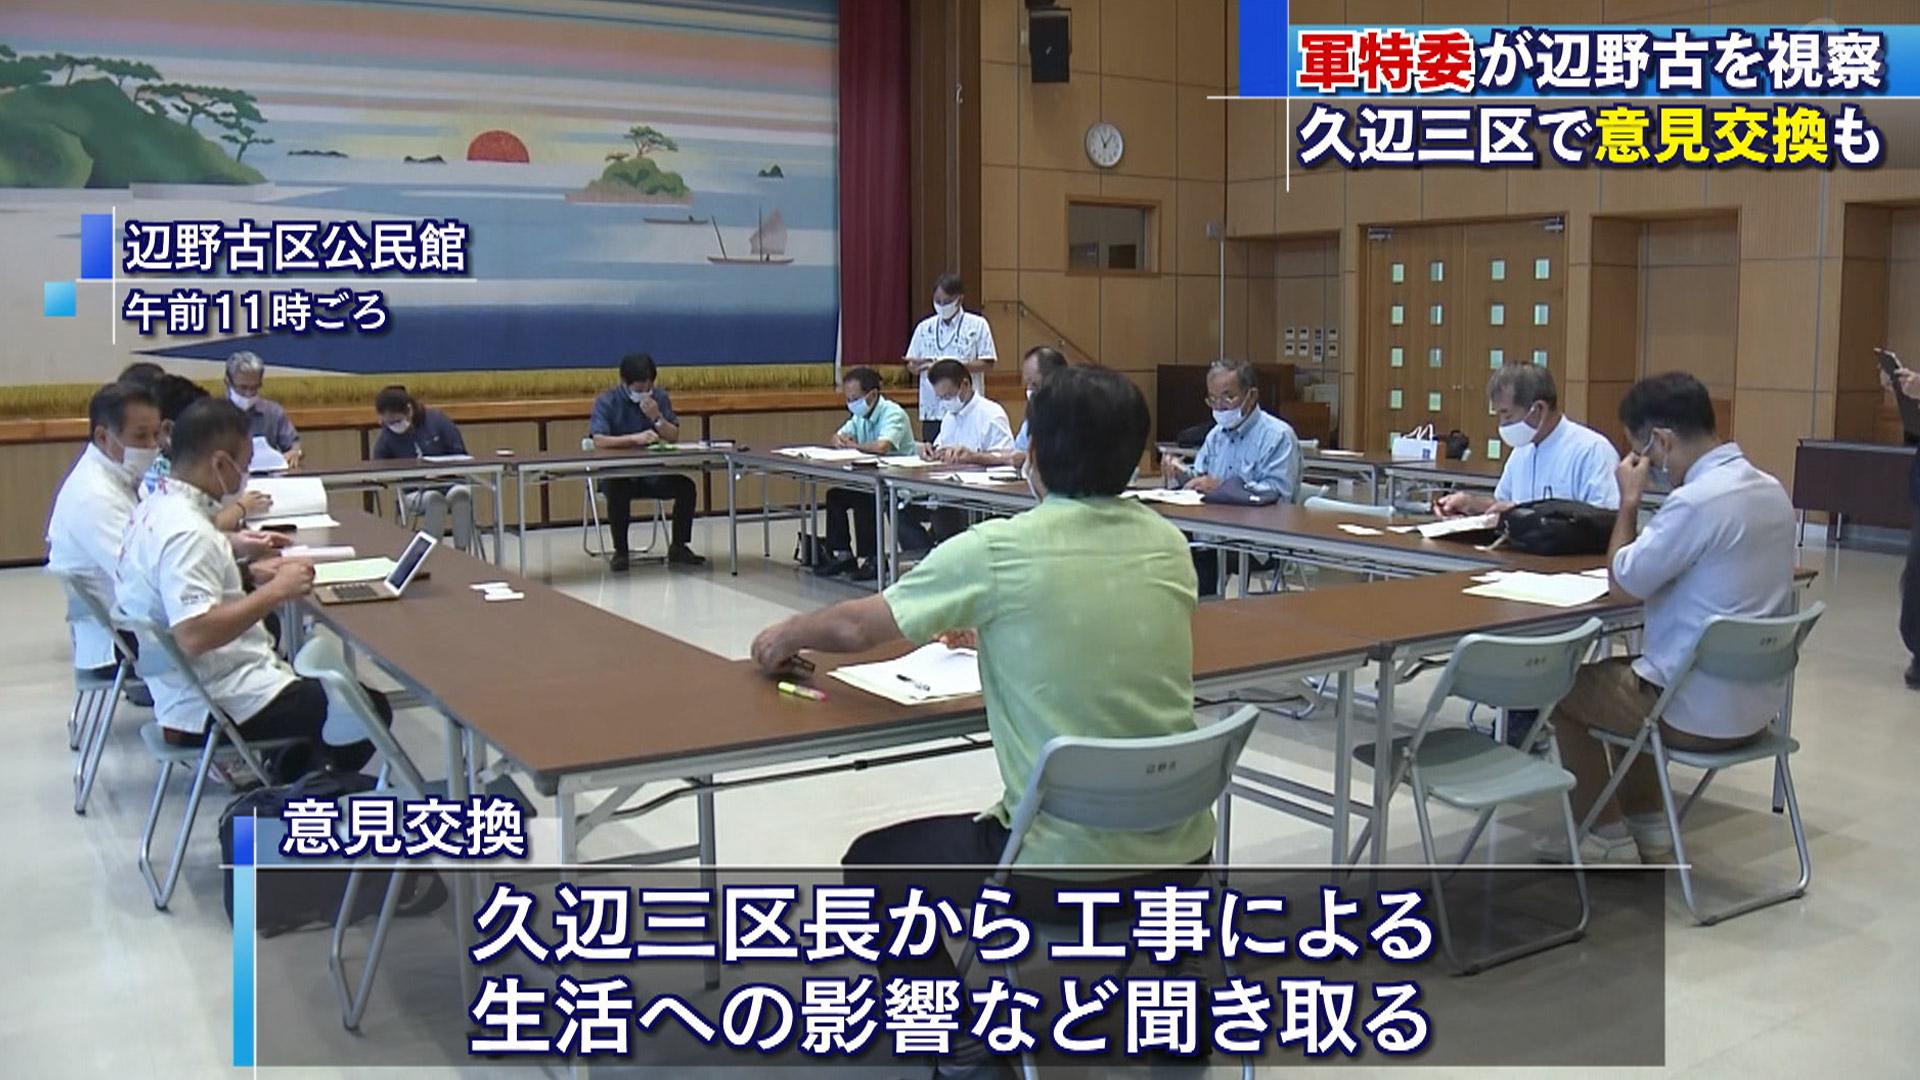 県議会軍特委のメンバーが辺野古を視察